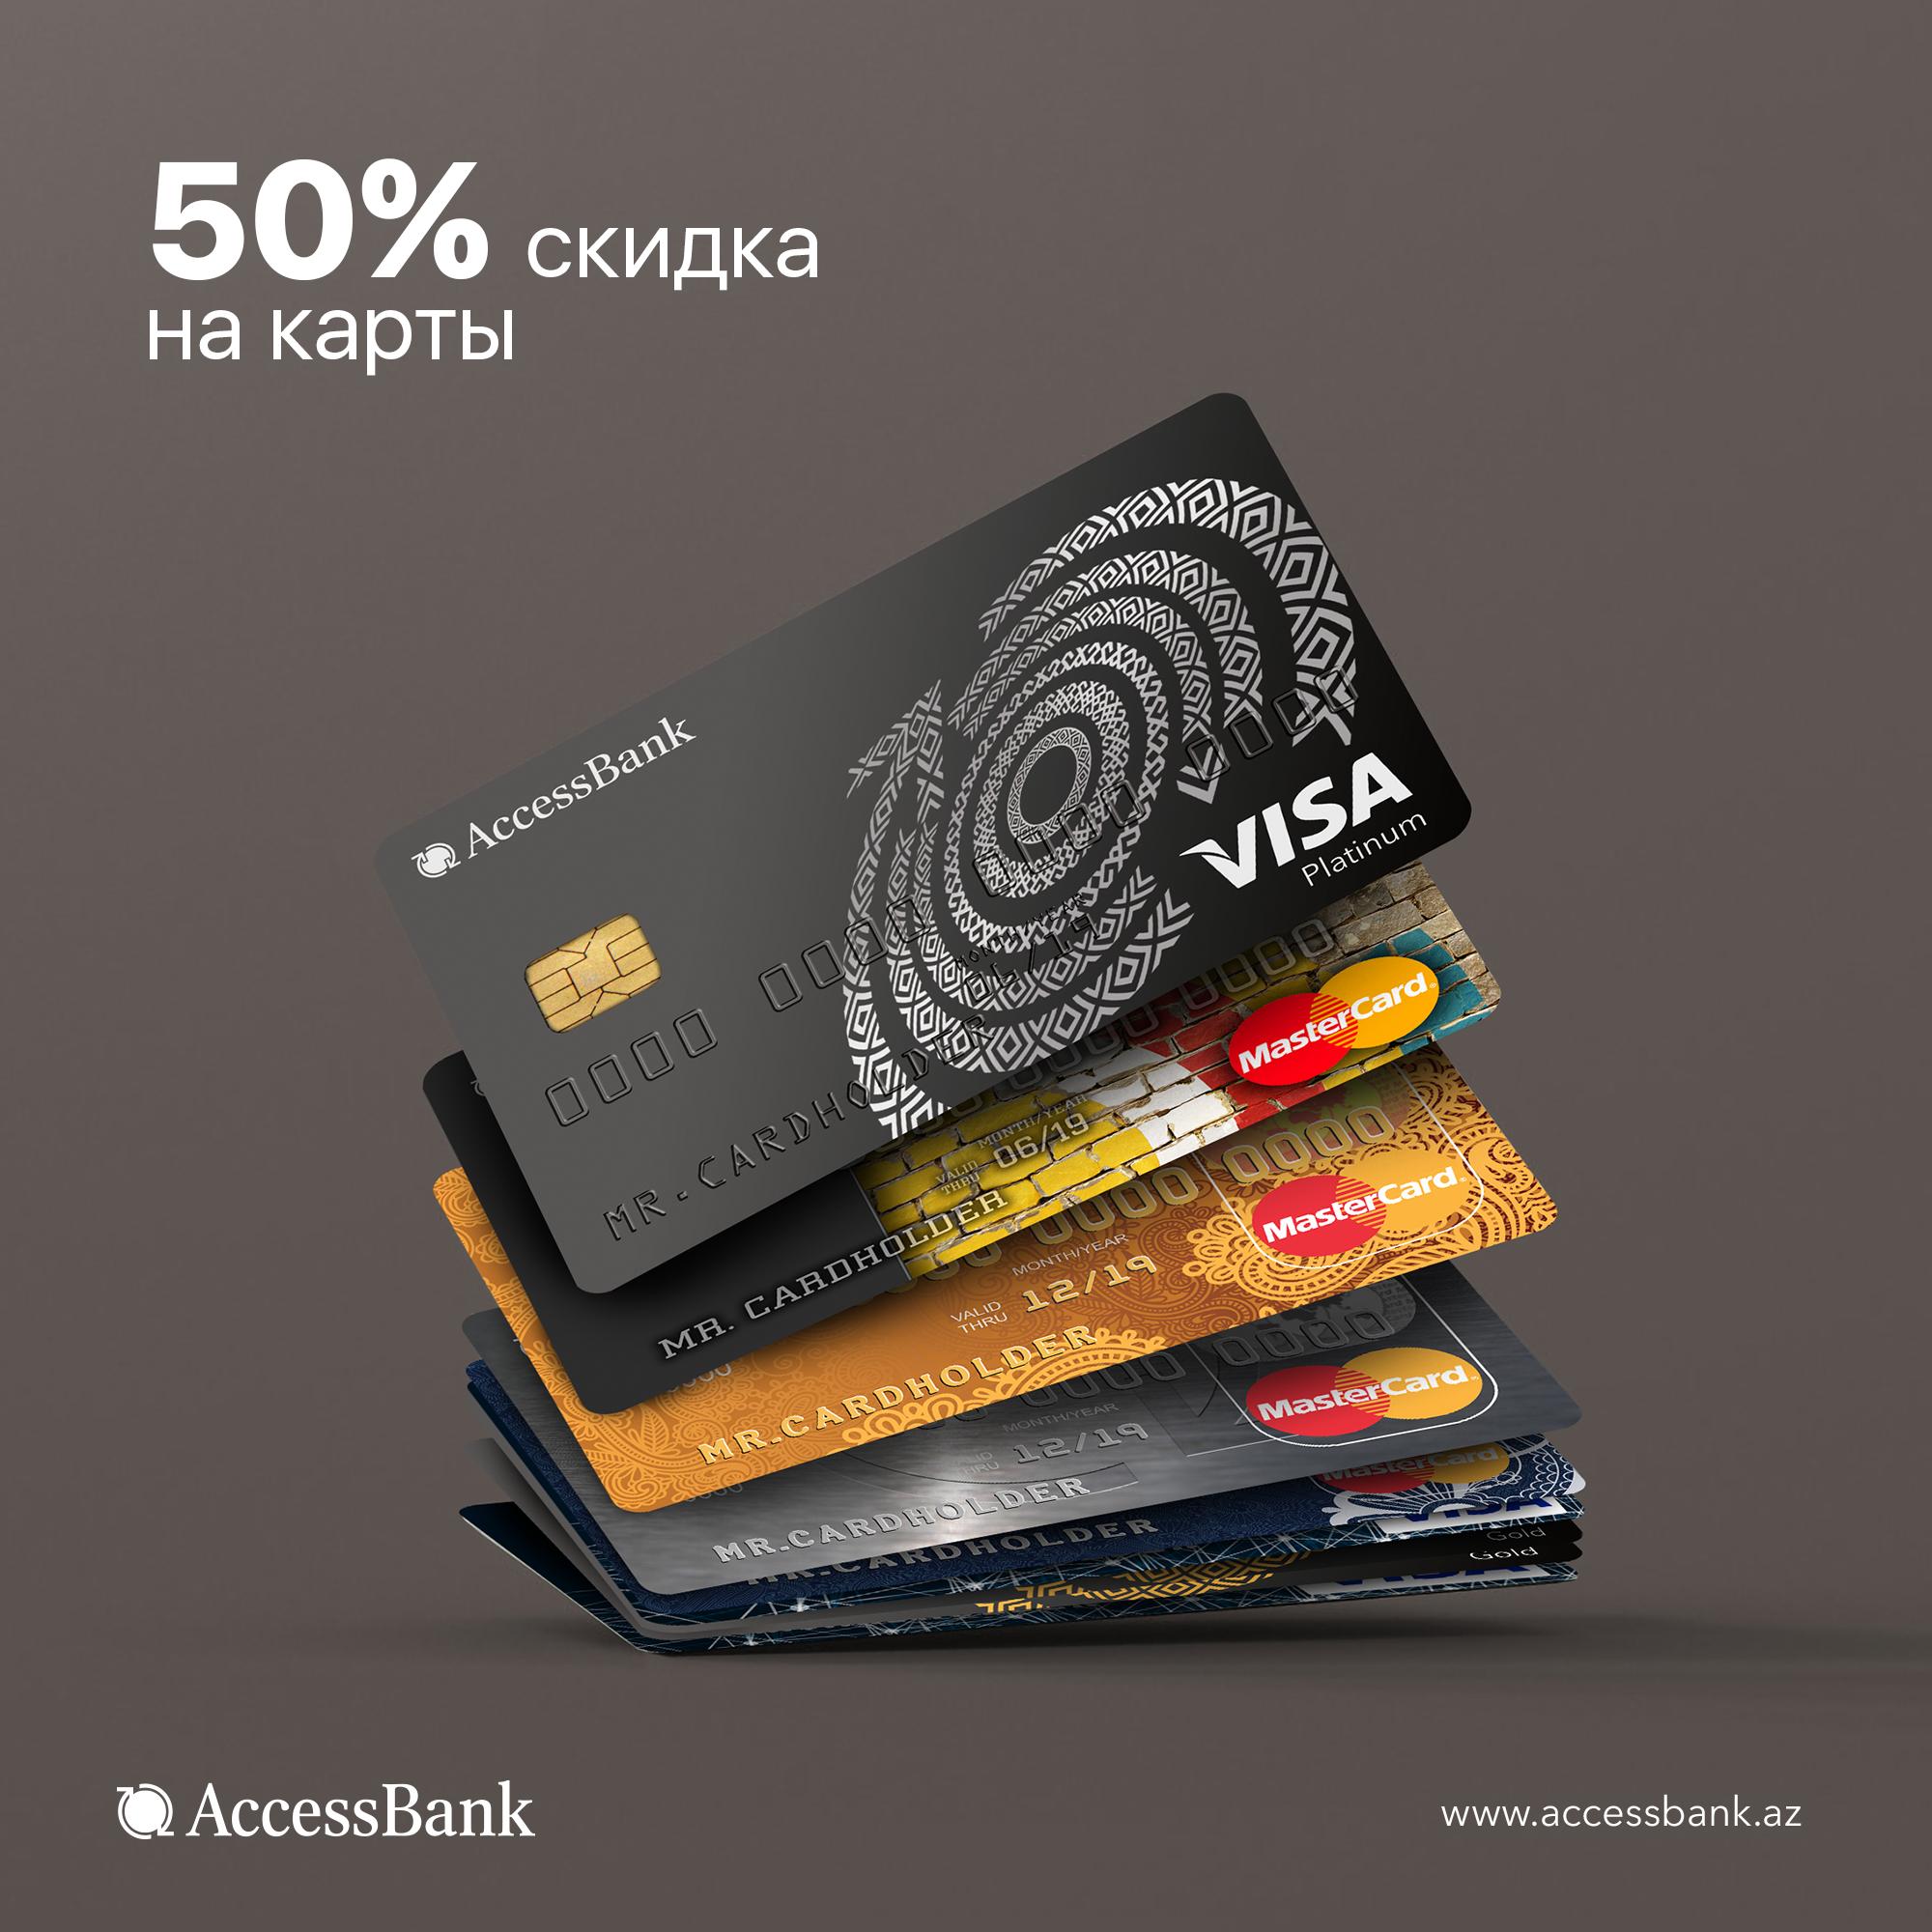 Приобретайте карты AccessBank-а за полцены!